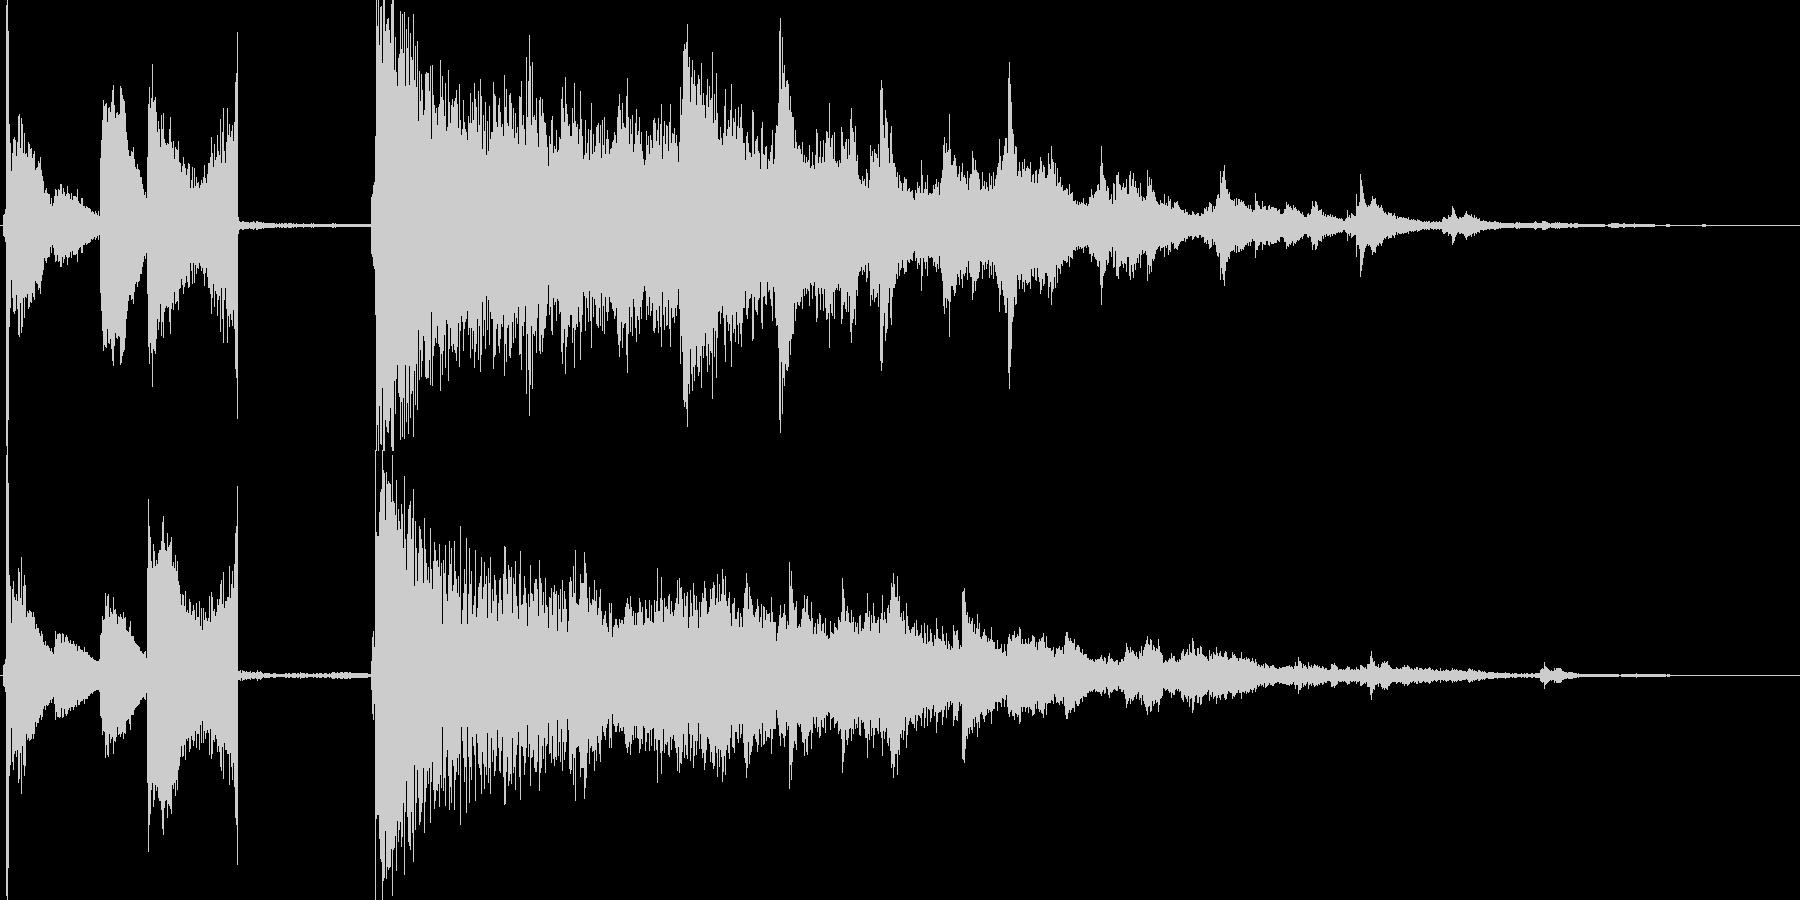 ビリヤードをイメージしたサウンドロゴの未再生の波形